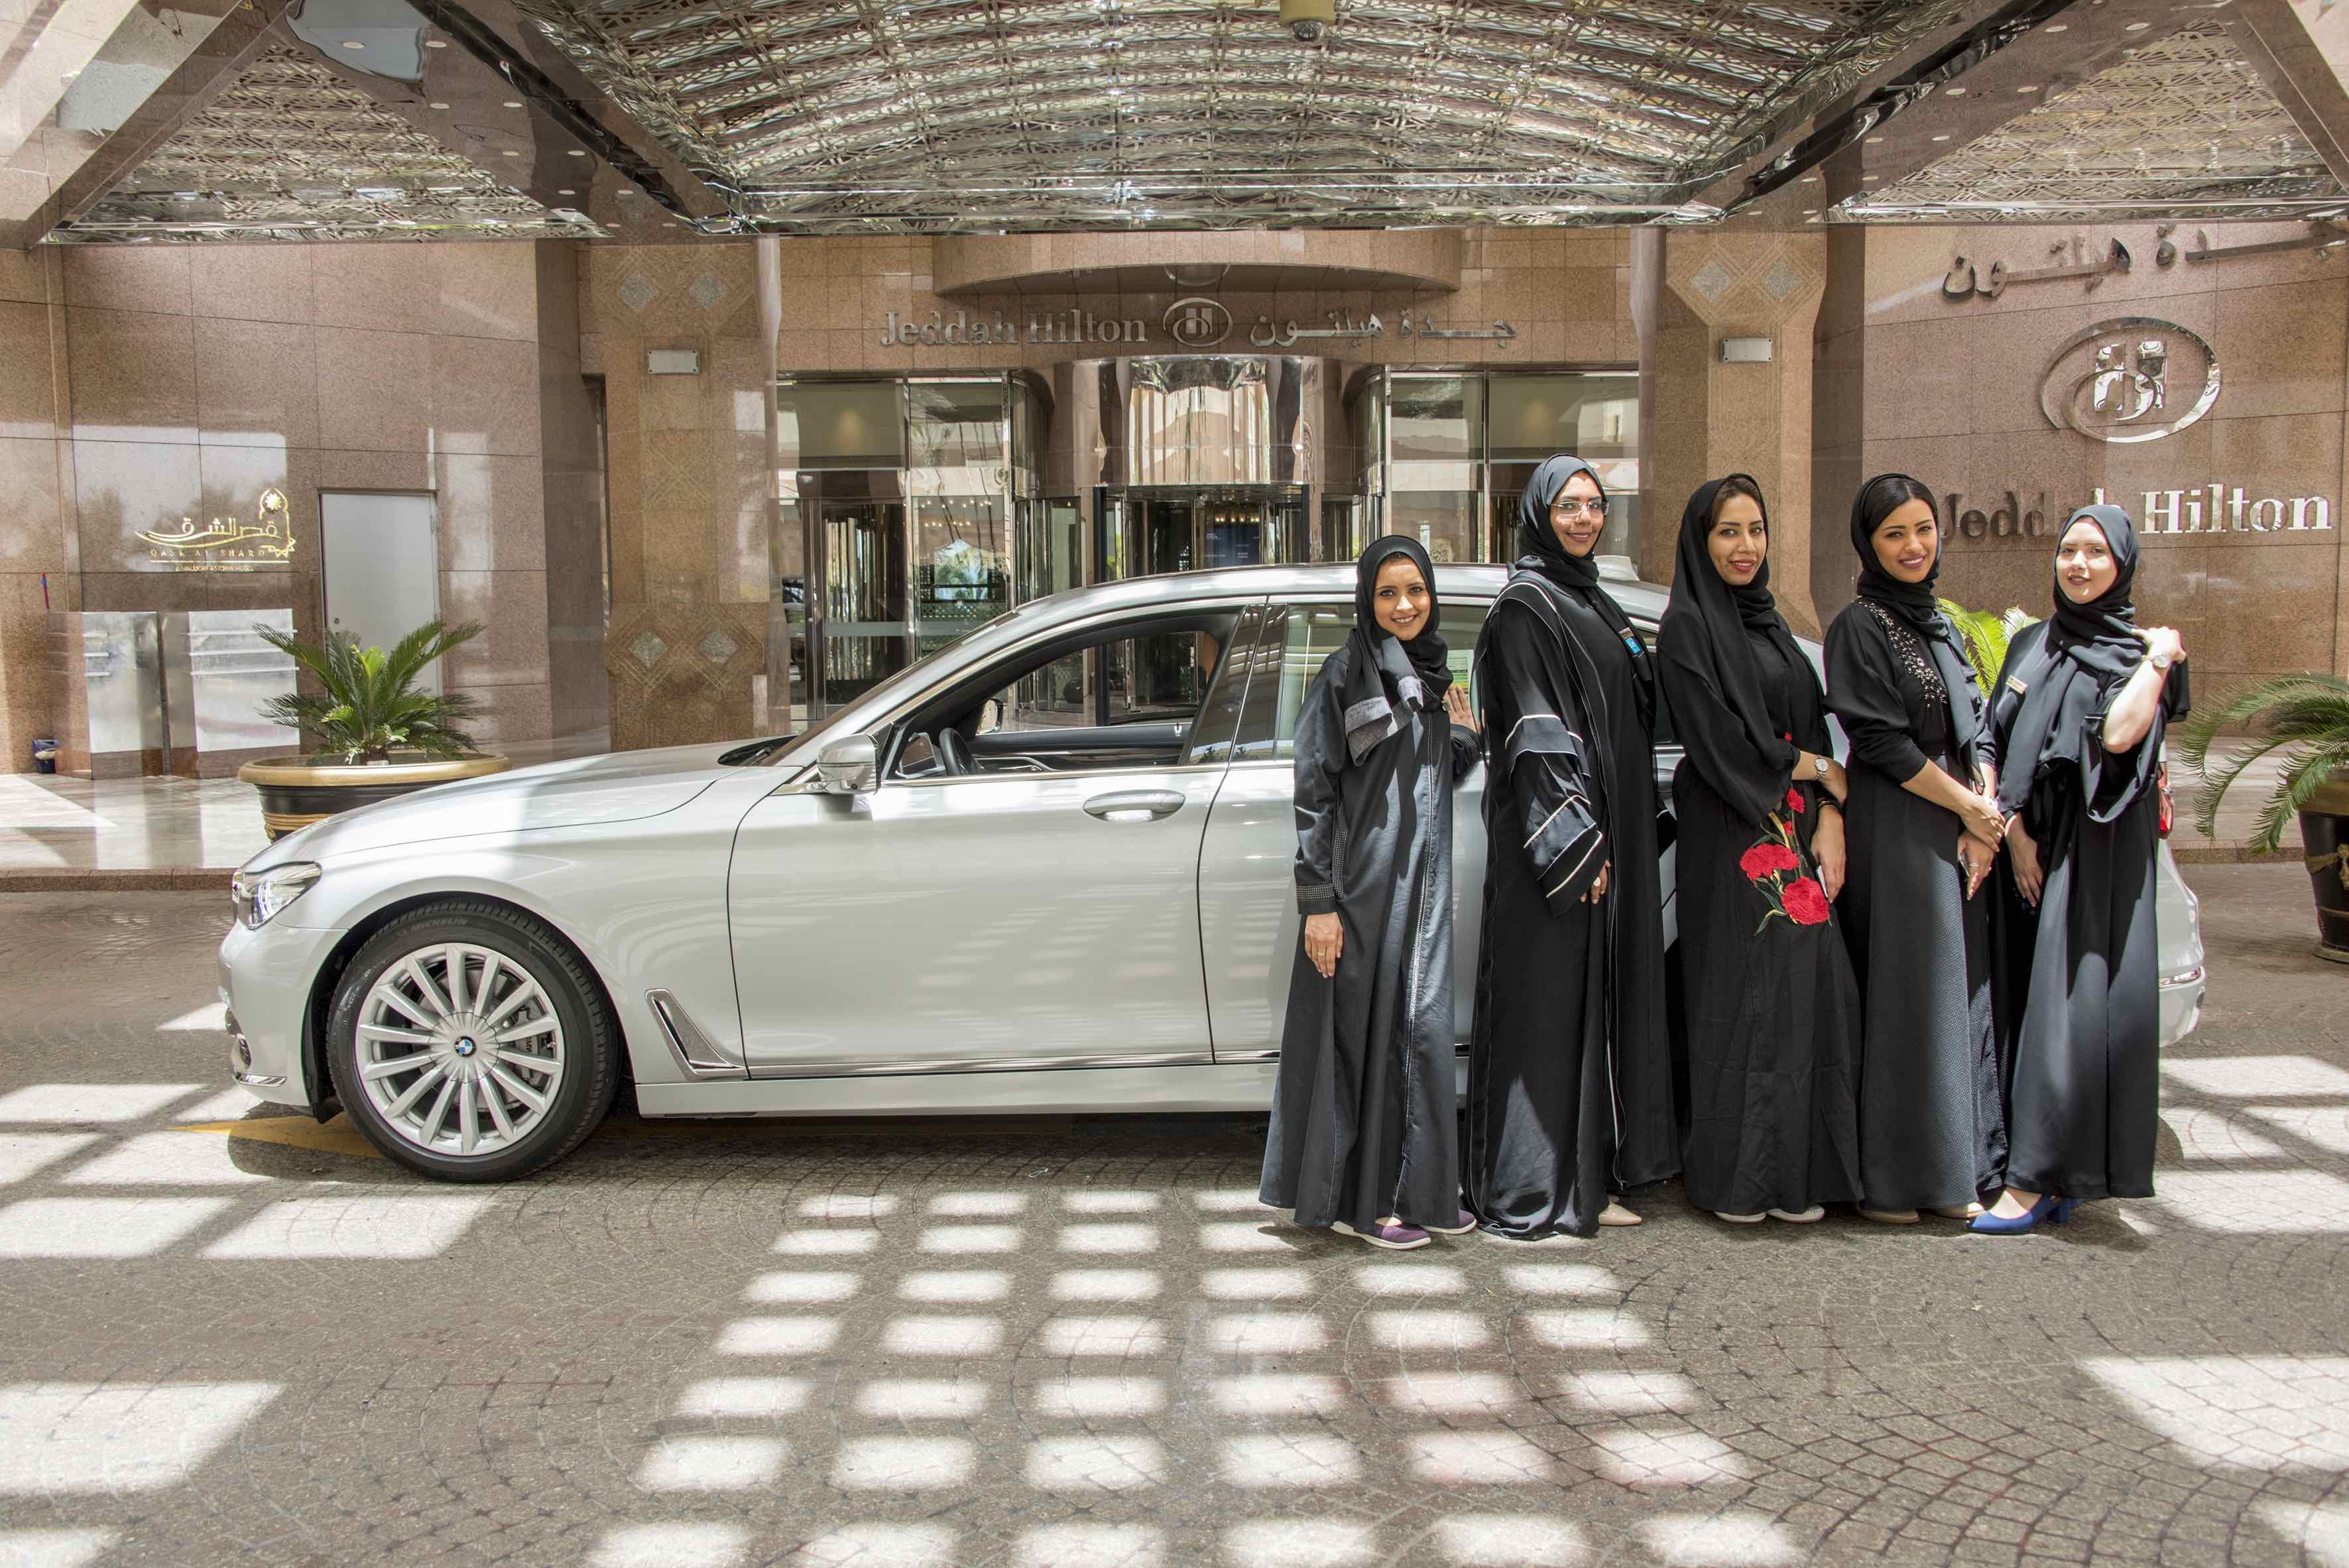 Hilton KSA